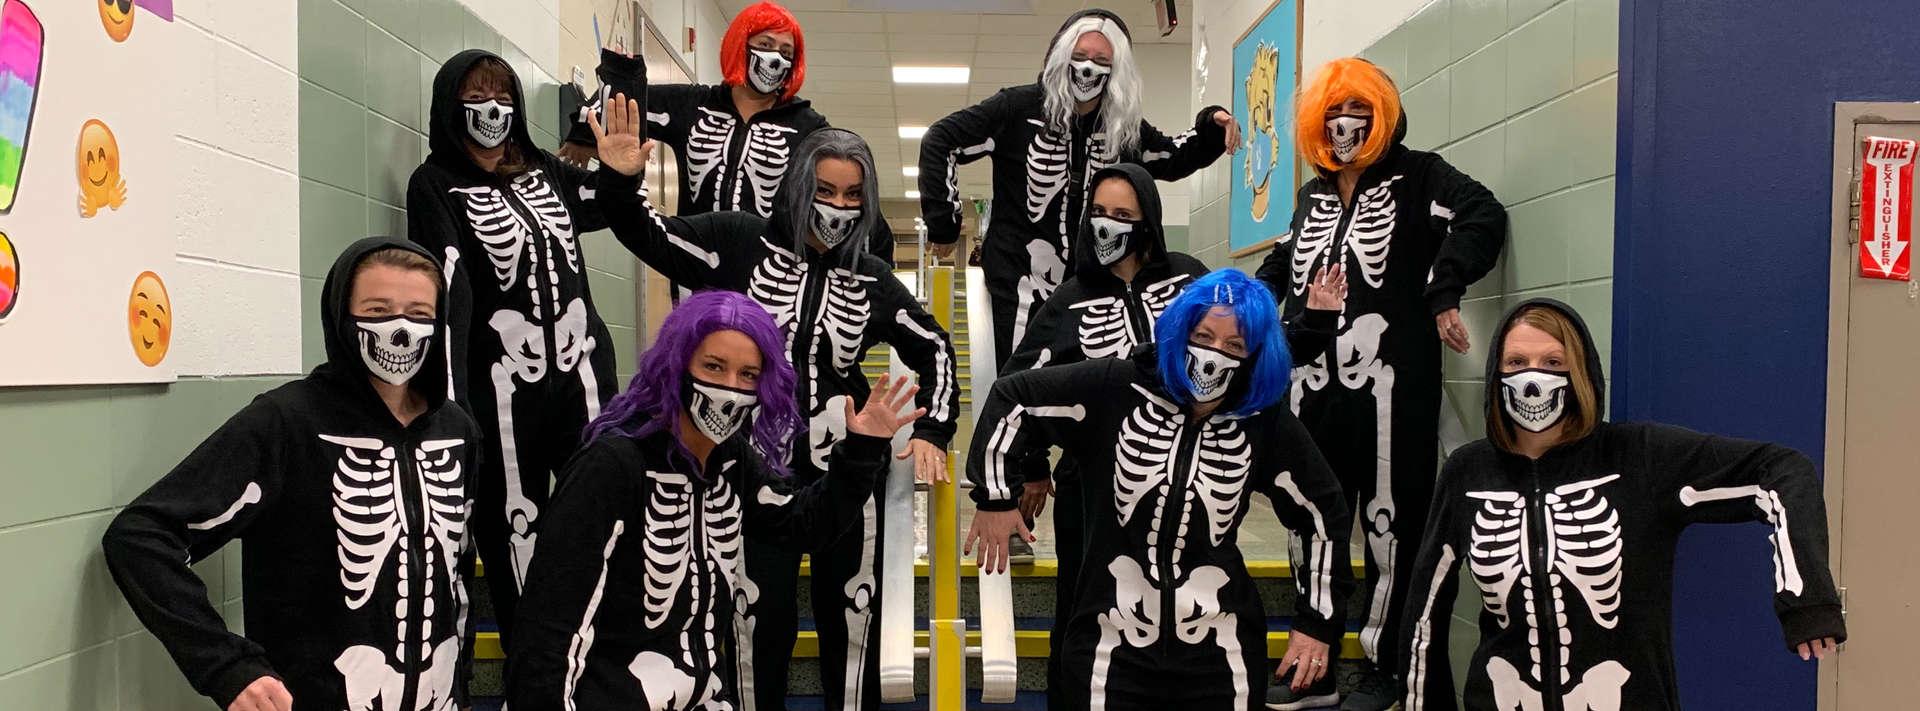 teachers dressed as skeletons